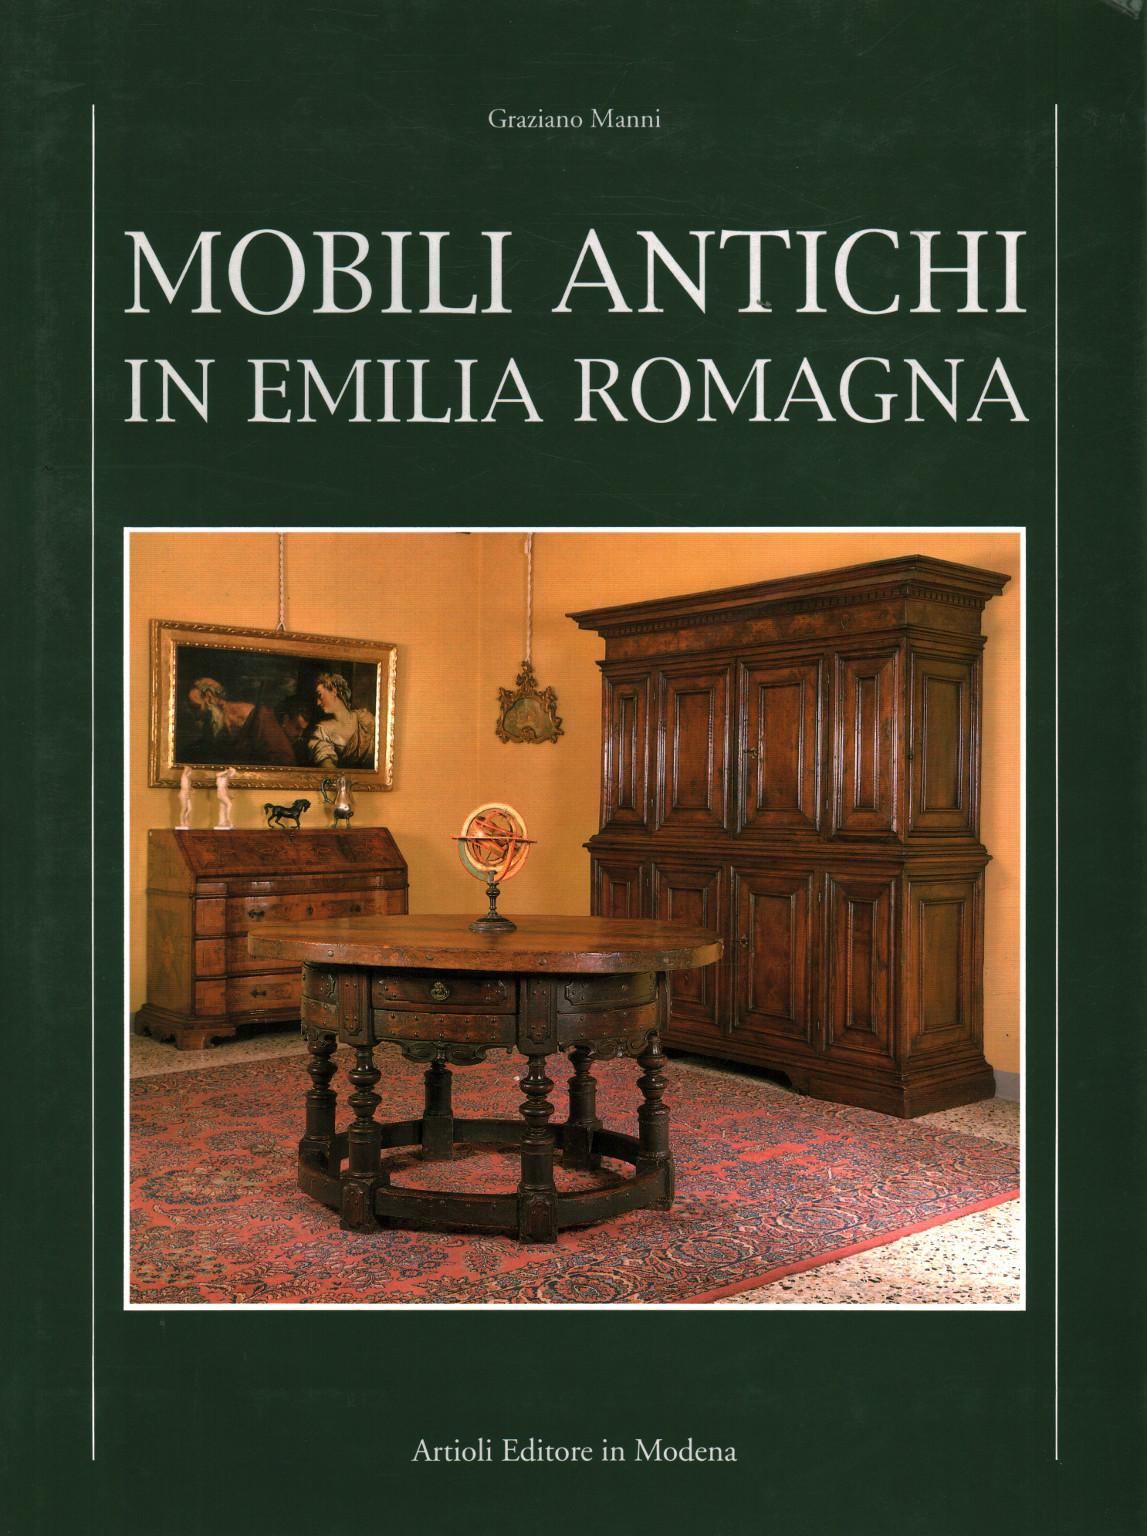 Arredamento Emilia Romagna mobili antichi in emilia romagna - graziano manni